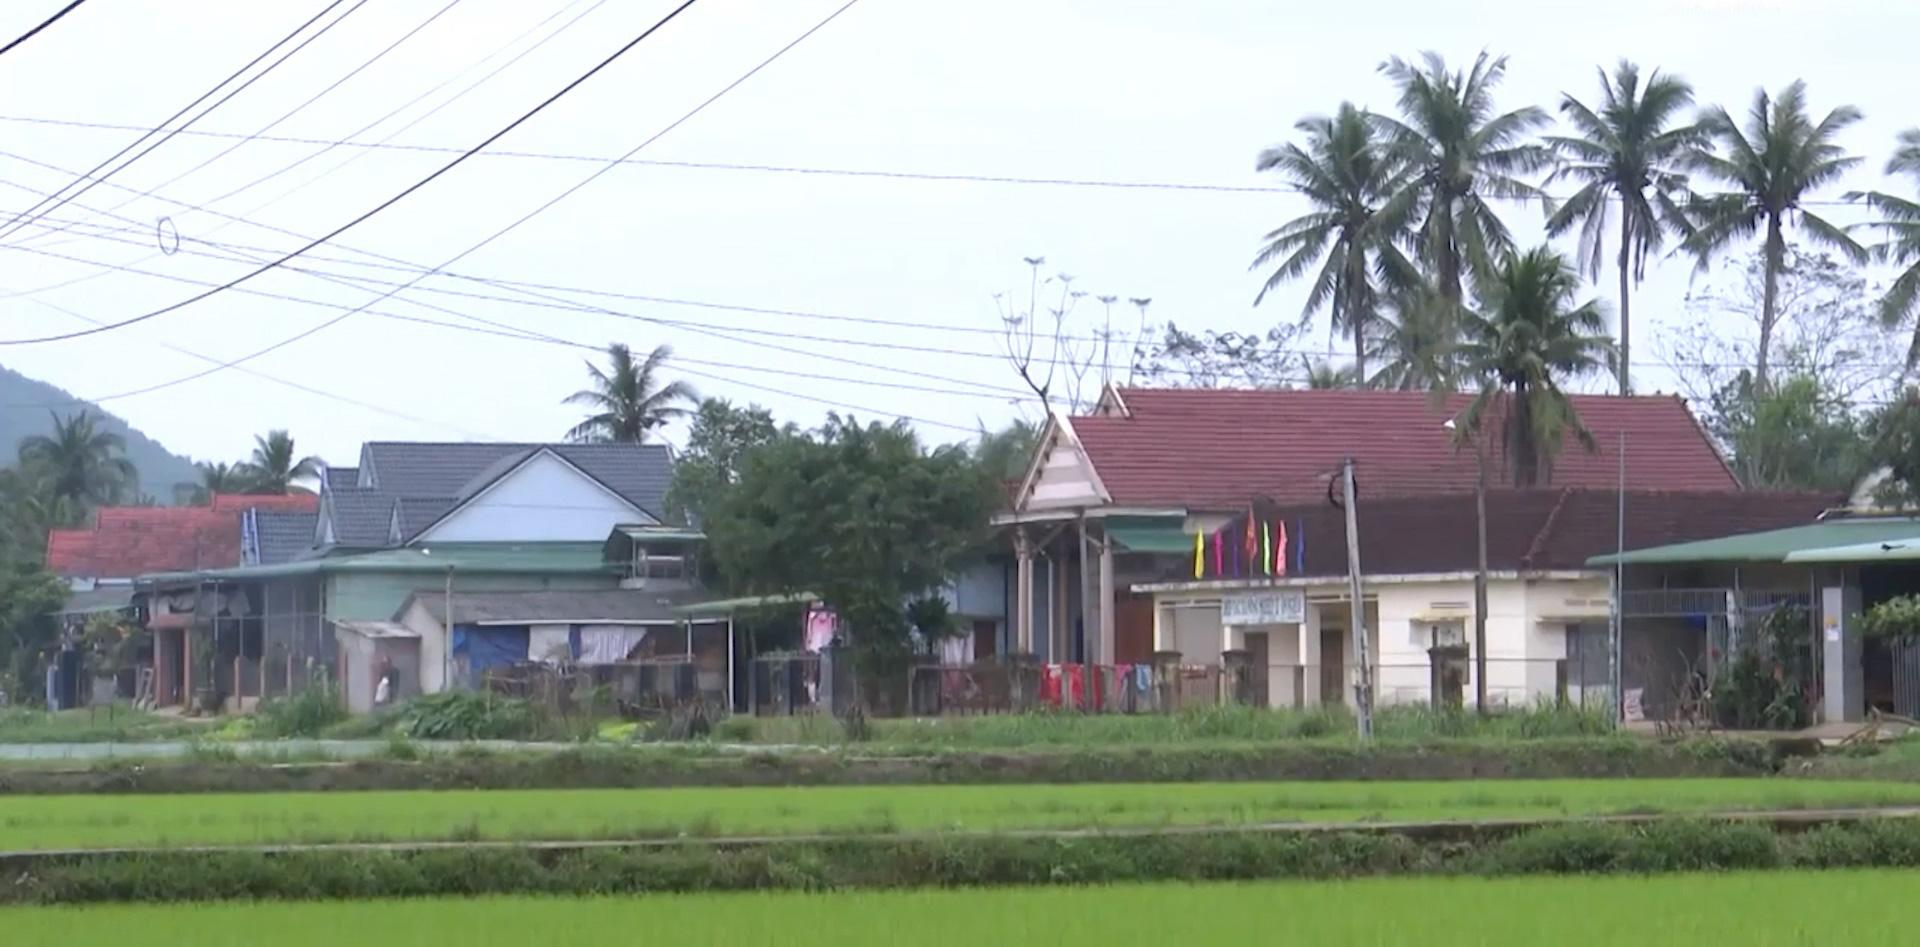 Bình Định: Tinh thần tự lực vươn lên, nhiều hộ dân xin ra khỏi hộ nghèo ở huyện Hoàn Ân - Ảnh 3.